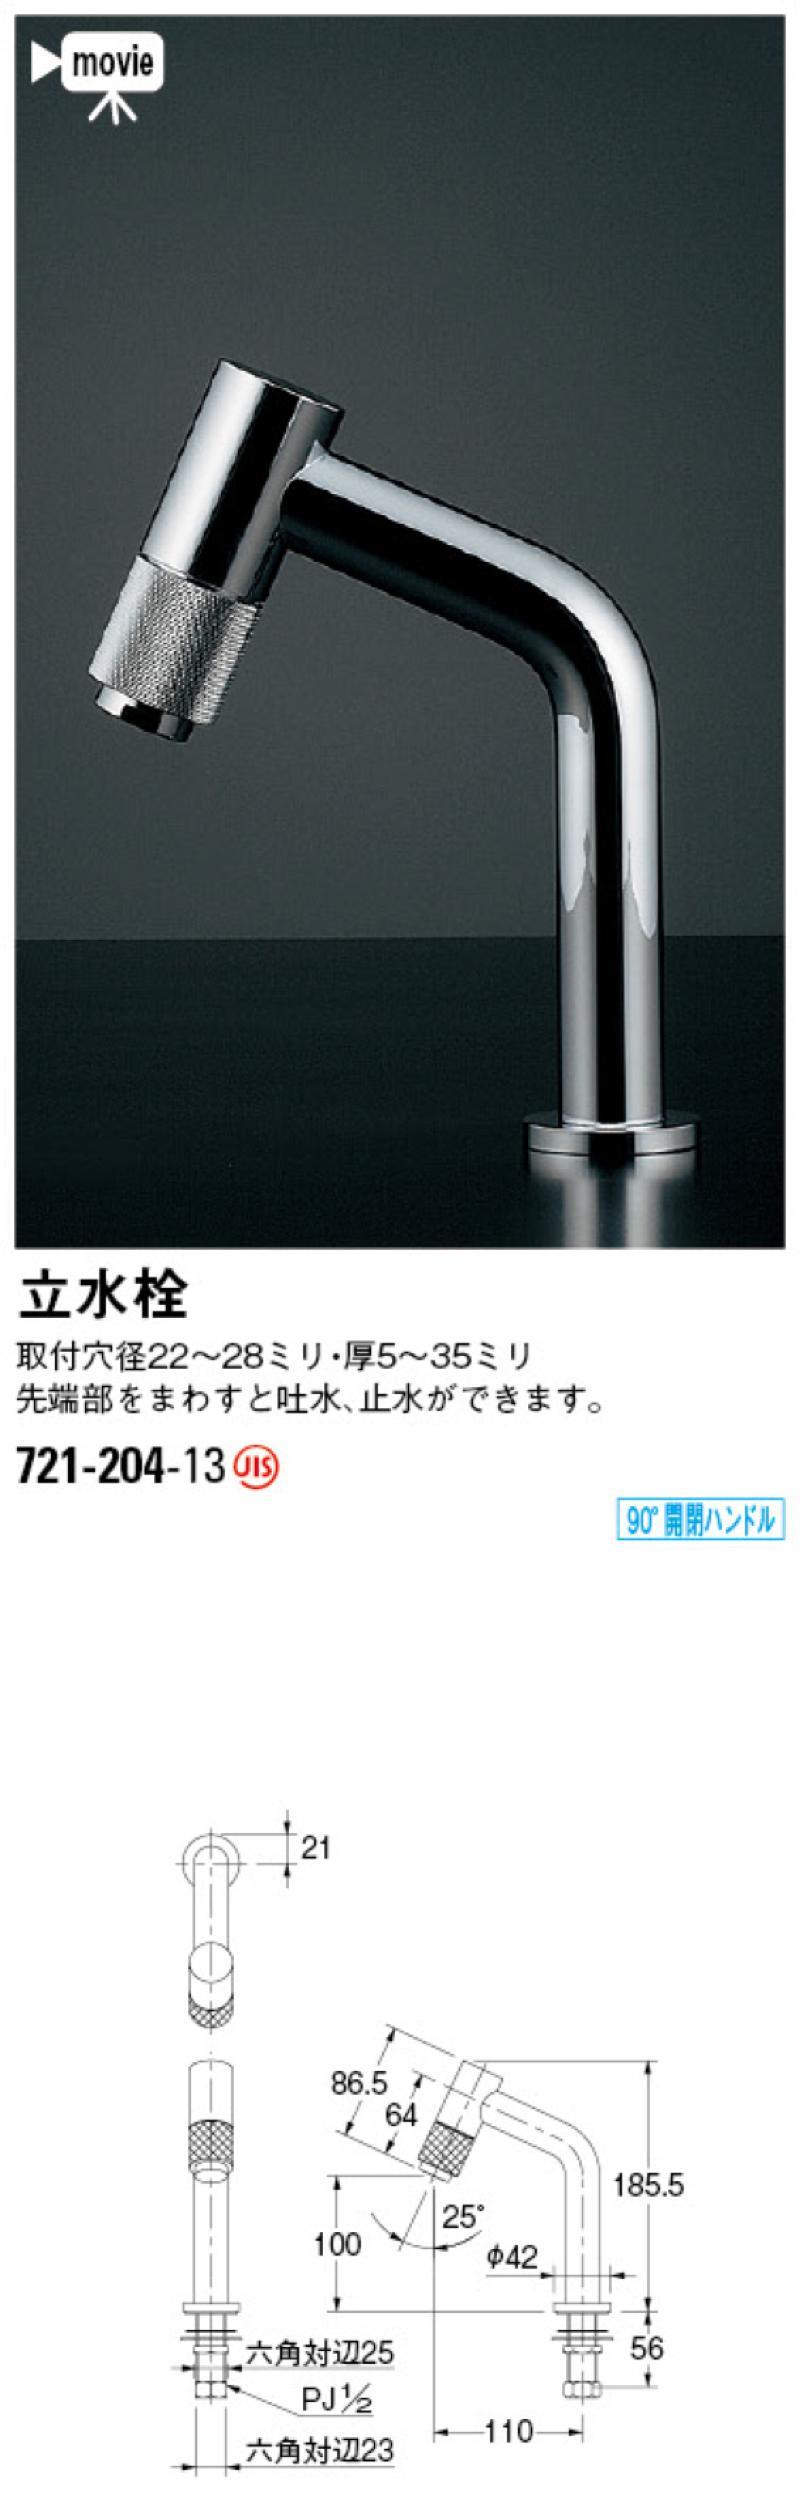 カクダイ【魚子 立水栓 (721-204-13)】721-204-13 - 「匠の一冊」公式 ...